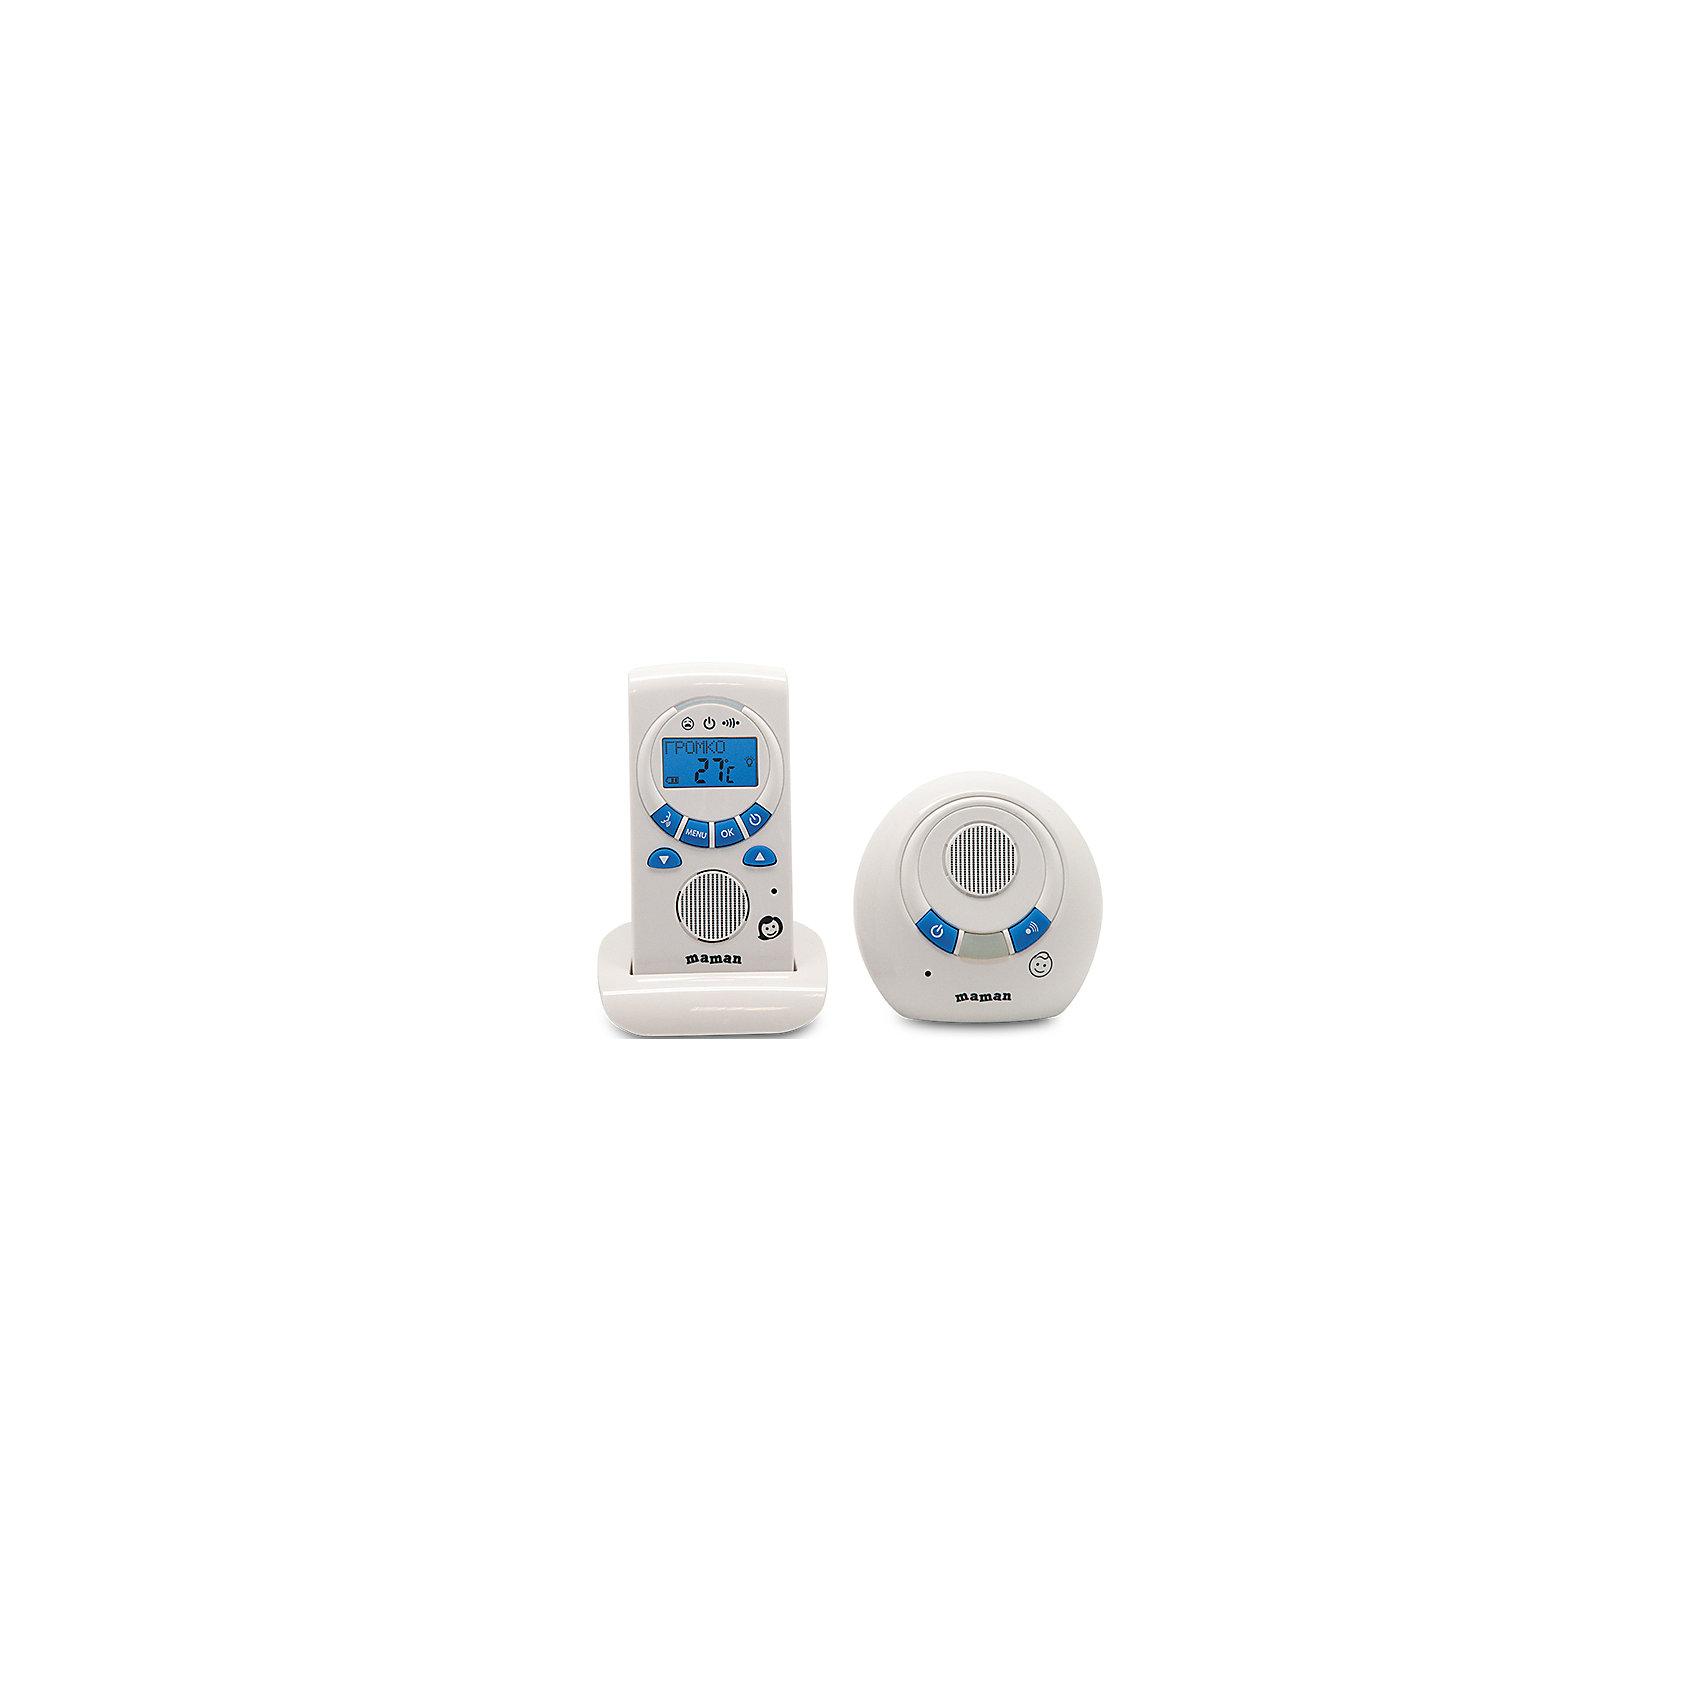 Радионяня RD-2820, MamanРадионяня Maman RD-2820 обеспечит полноценный комфорт и спокойствие для родителей. Устройство оснащено сверхчувствительным микрофоном, который будет передавать малейший шорох, исходящий из детской комнаты. У данной модели предусмотрен режим «обратной связи», благодаря которому вы можете поговорить с малышом. Радионяня Maman RD-2820 отличается интуитивно понятным интерфейсом, при необходимости в ней можно настроить таймер кормления, что бы четко соблюдать режим питания ребенка.<br><br>Дополнительная информация:<br>- Комплектация: передатчик, приемник, сетевой адаптер, подставка, инструкция<br>- Питание: от сети (220 В)/от аккумуляторов 2хААА (идут в комплекте)<br>- Радиуса действия: от 201 до 300 метров<br>- Размер детского блока: 90х90х50 мм<br>- Вес детского блока: 0,09 кг<br>- Размер родительского блока: 60х120х35 мм<br>- Вес родительского блока: 0,11 кг<br><br>Радионяню RD-2820, Maman можно купить в нашем интернет-магазине.<br><br>Ширина мм: 110<br>Глубина мм: 265<br>Высота мм: 185<br>Вес г: 670<br>Возраст от месяцев: 0<br>Возраст до месяцев: 36<br>Пол: Унисекс<br>Возраст: Детский<br>SKU: 4795356